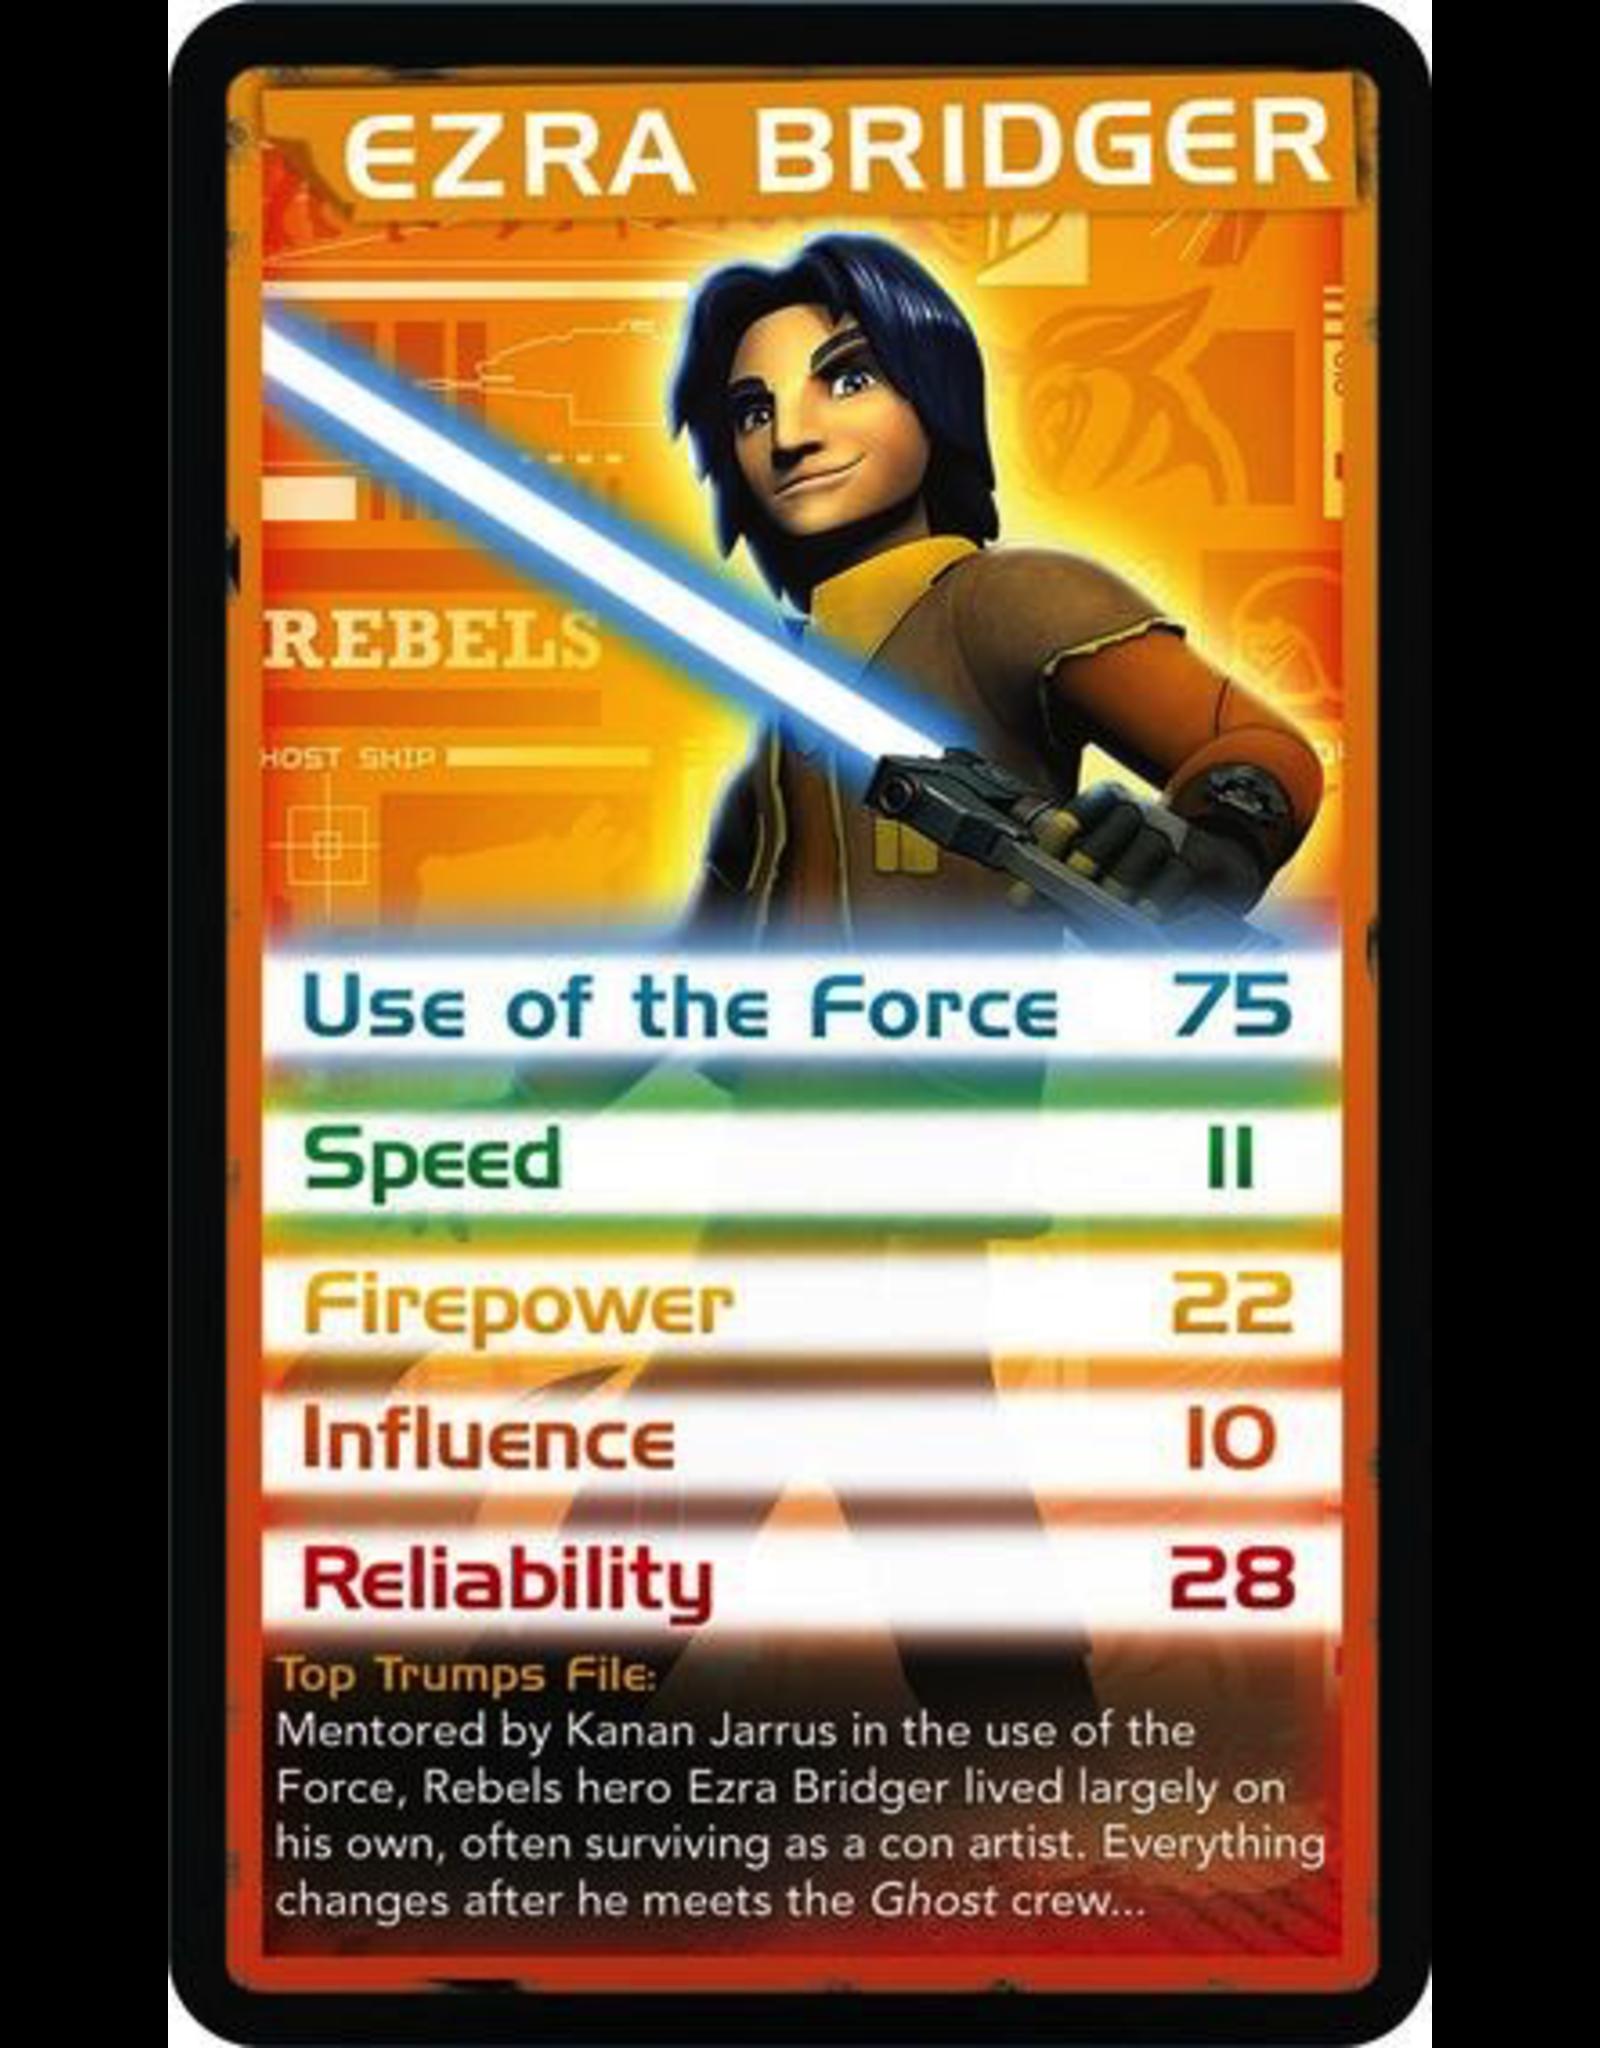 Top Trumps Top Trumps Star Wars Rebels